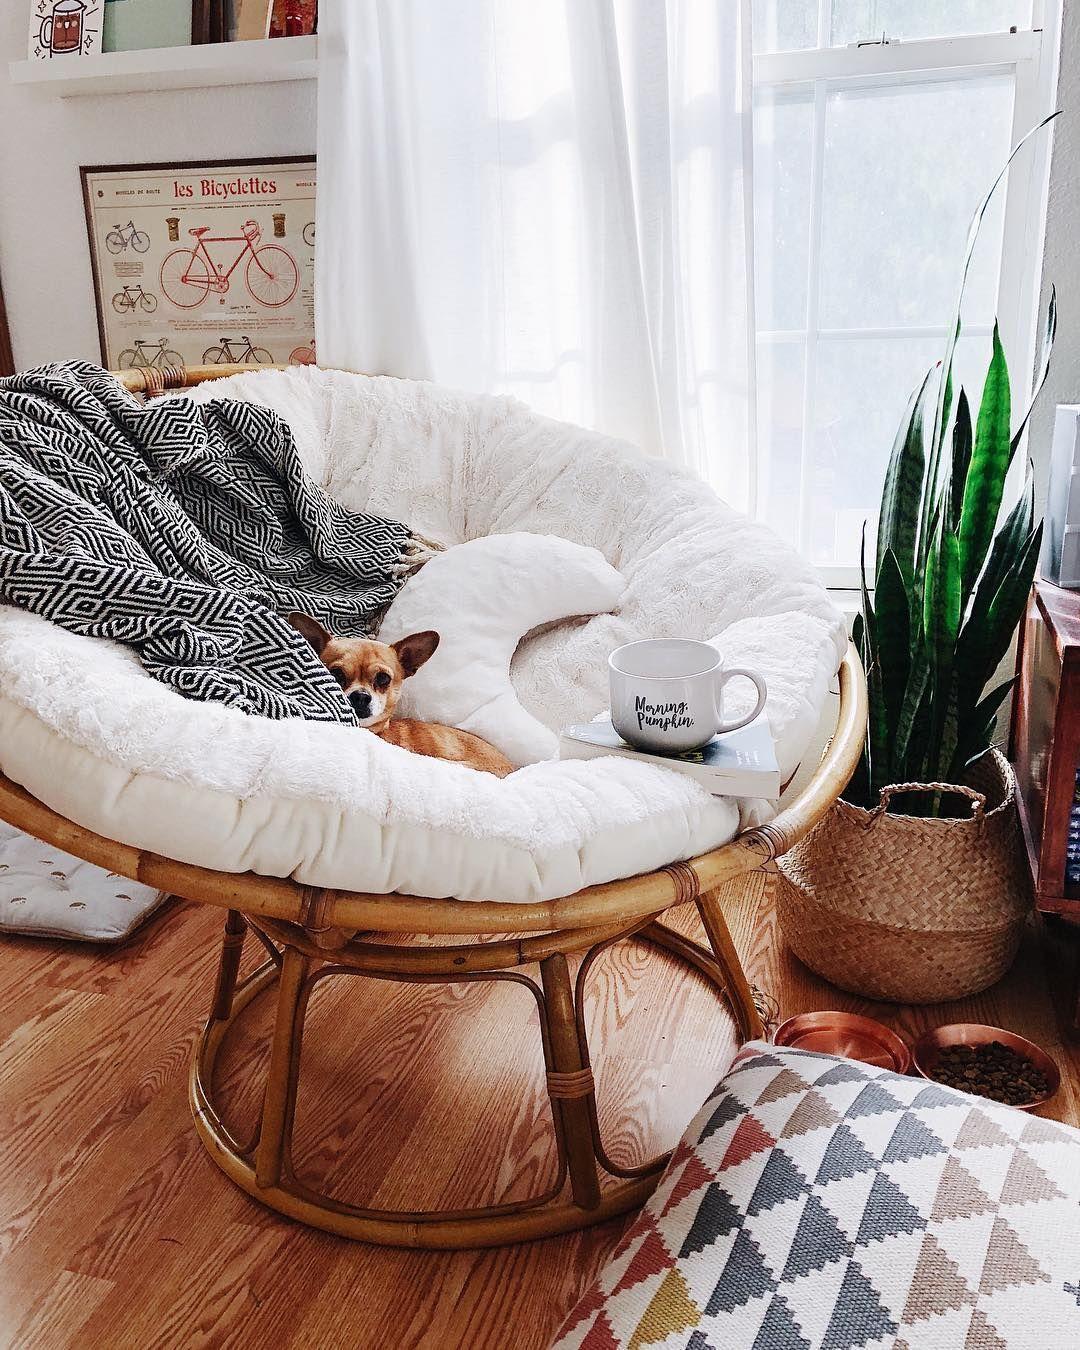 Let S Take A Seat The Papasan Chair Rebirth Might Surprise You Papasanchair Papasan Chair Home Decor Bedroom Decor #papasan #chair #living #room #ideas